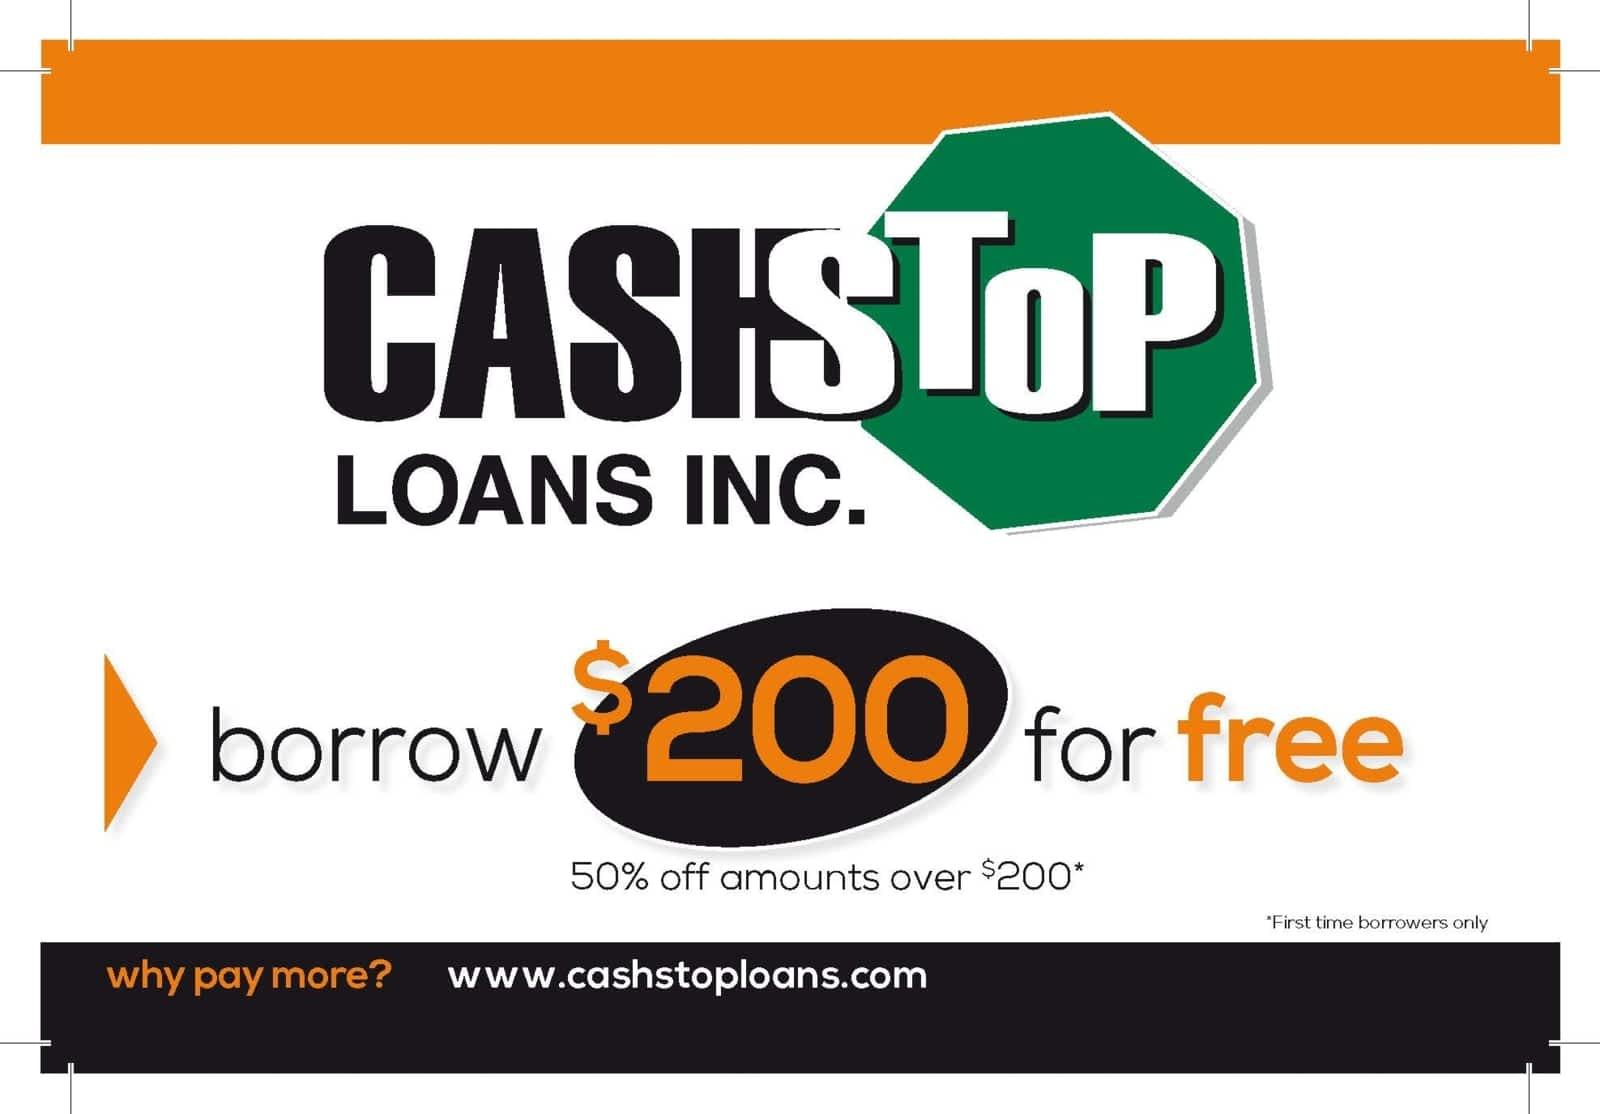 Short cash loans online picture 5